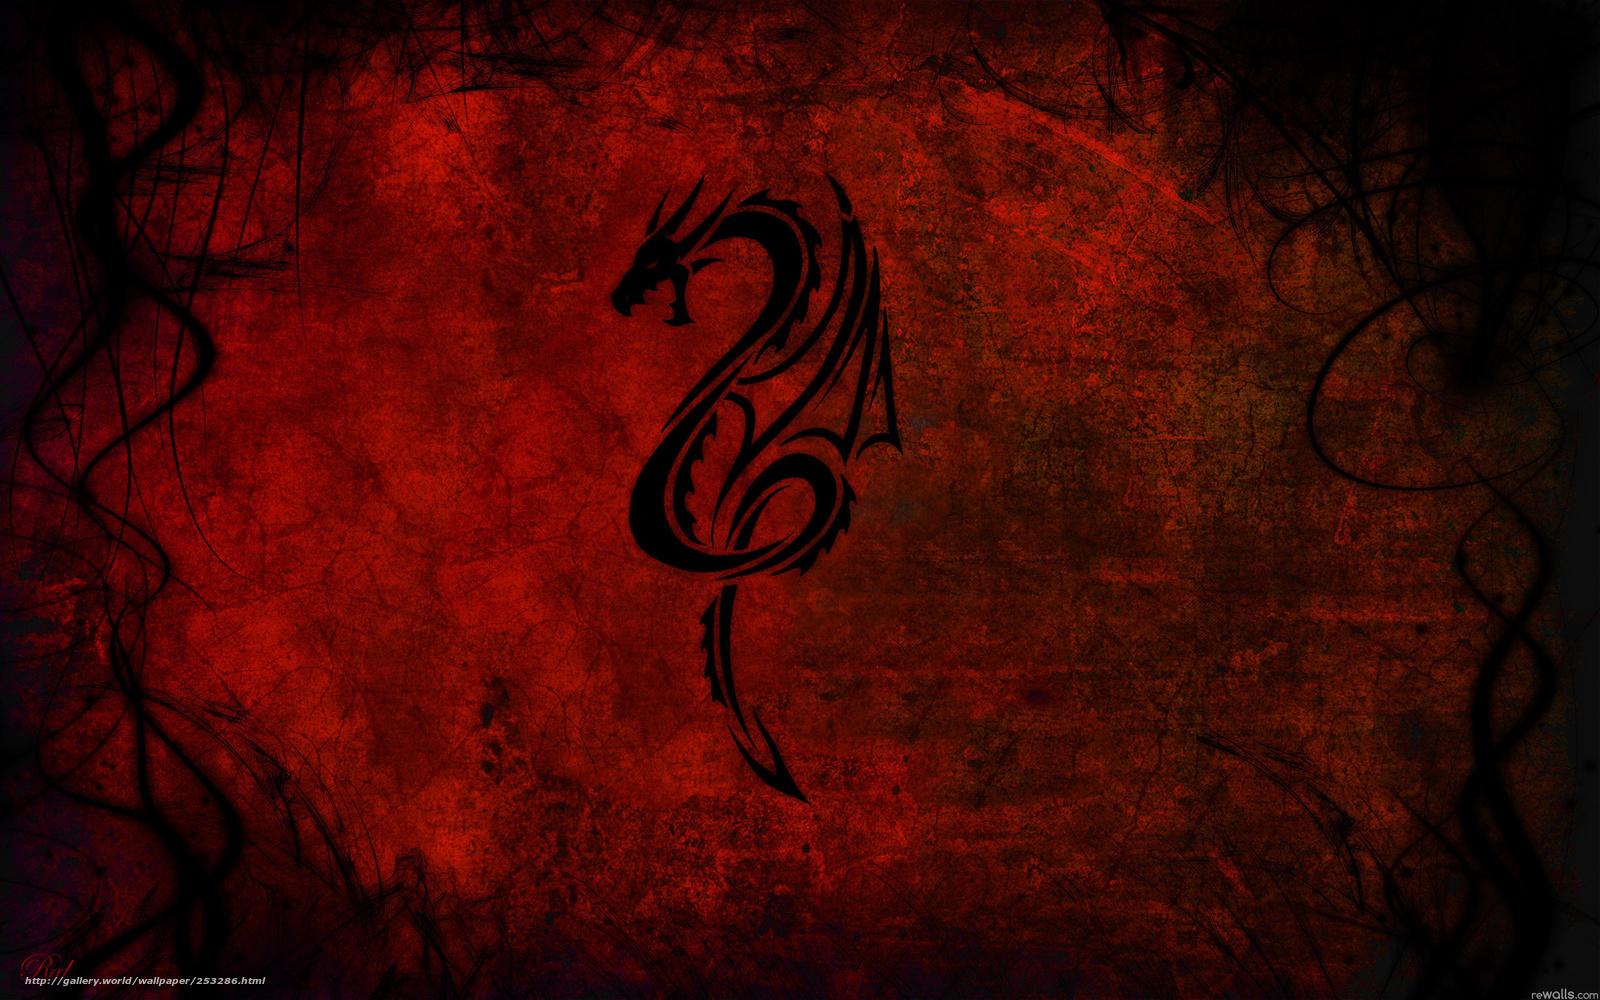 Tlcharger Fond D Ecran Abstraction Couleur Noir Rouge